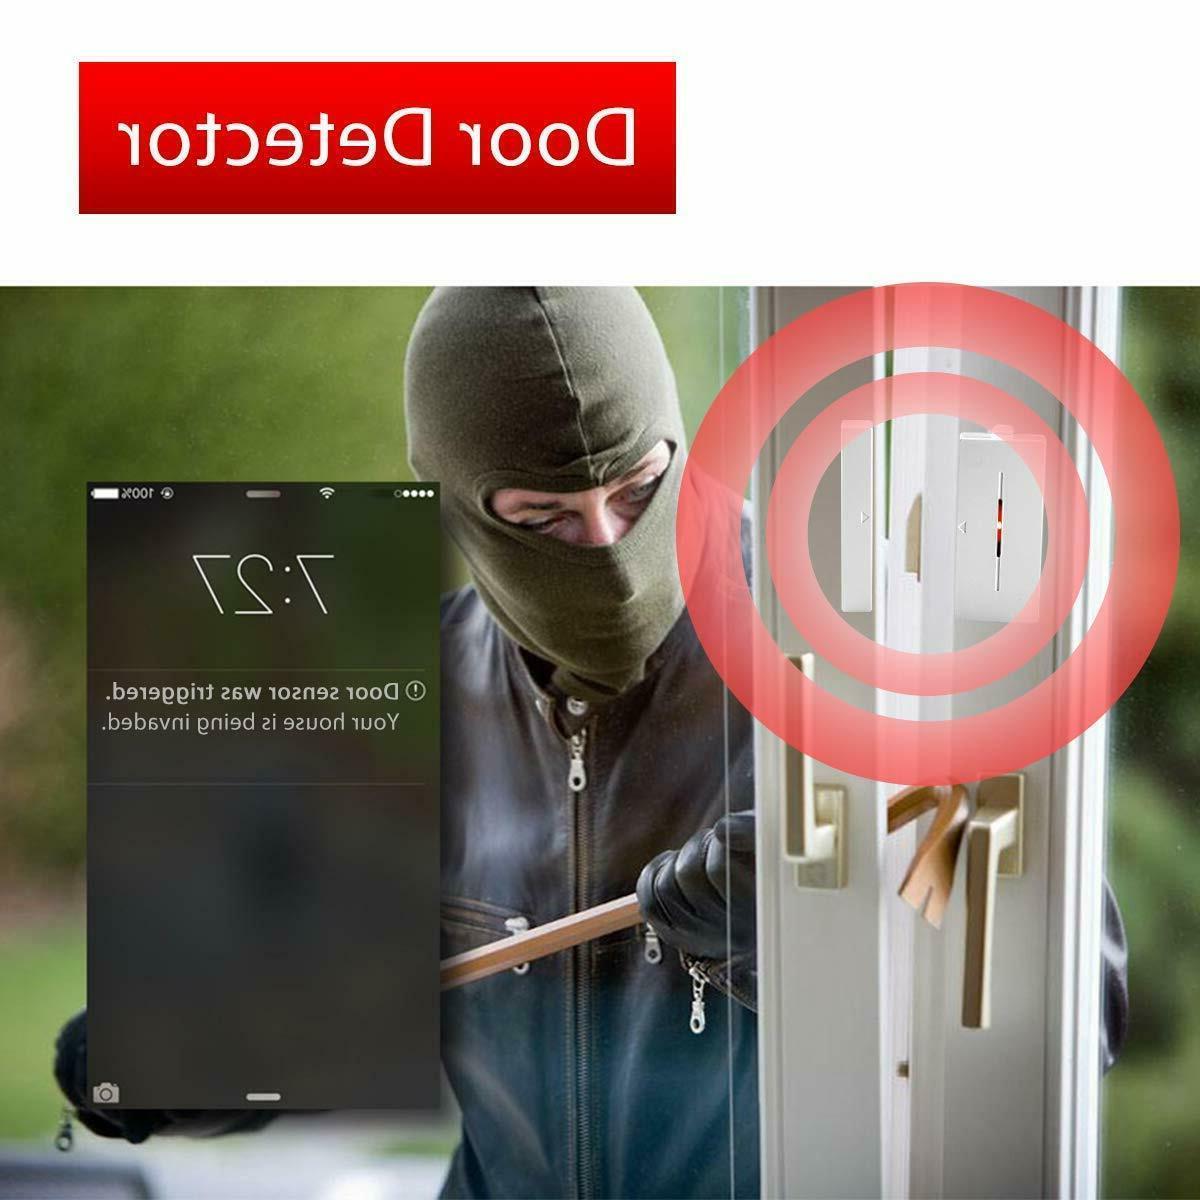 Anti-theft Security Siren Kits